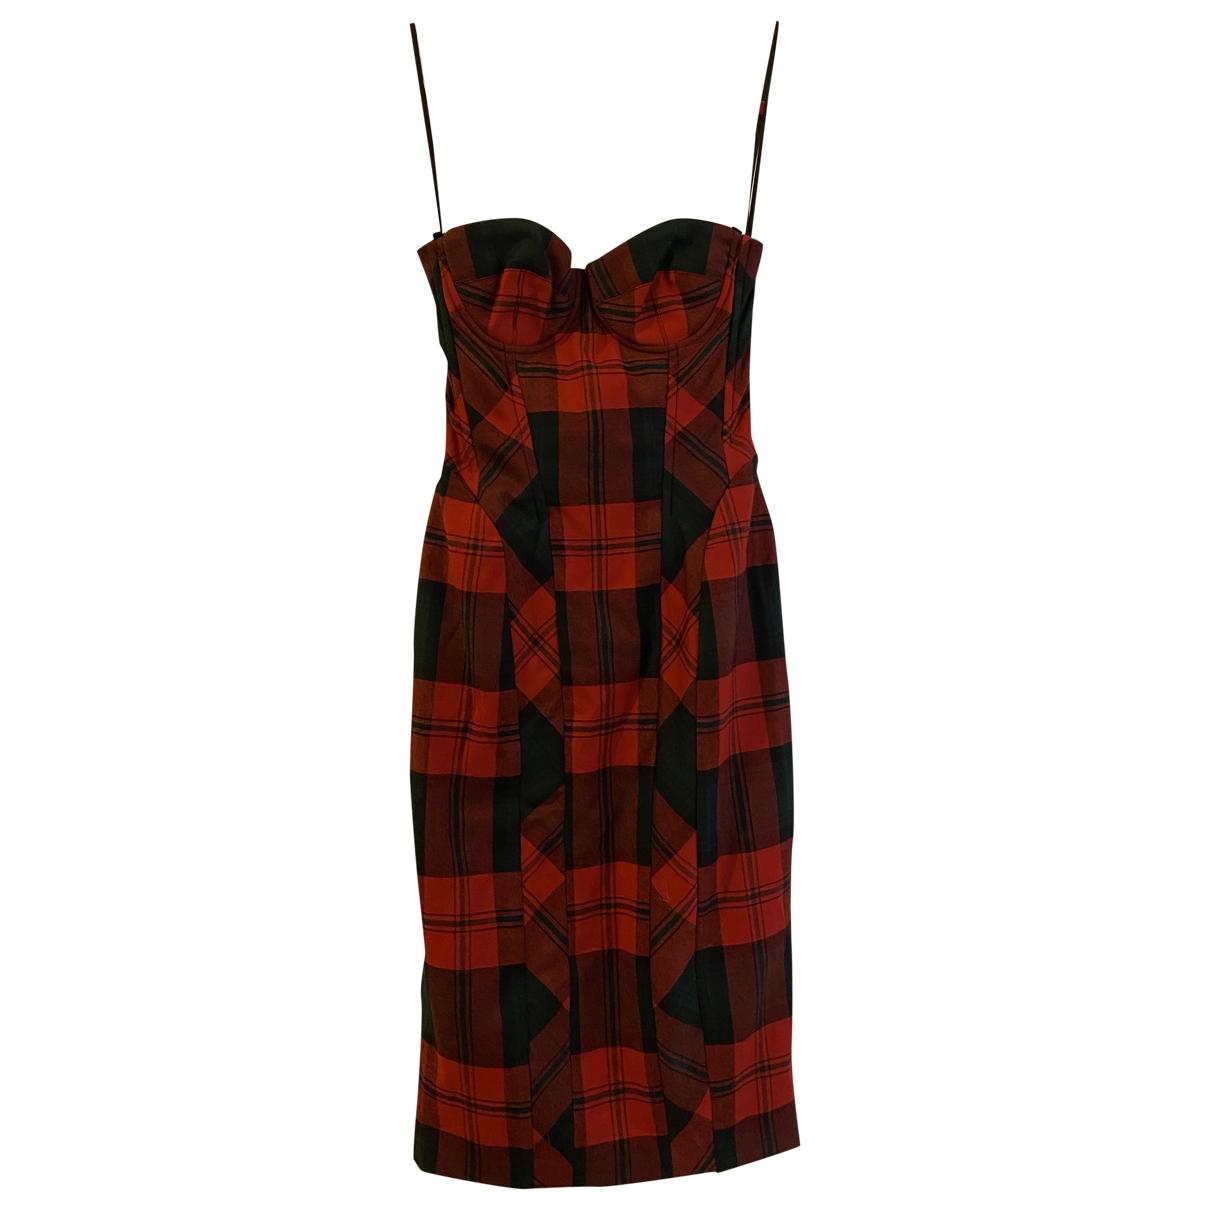 D&g \N Kleid in  Rot Wolle